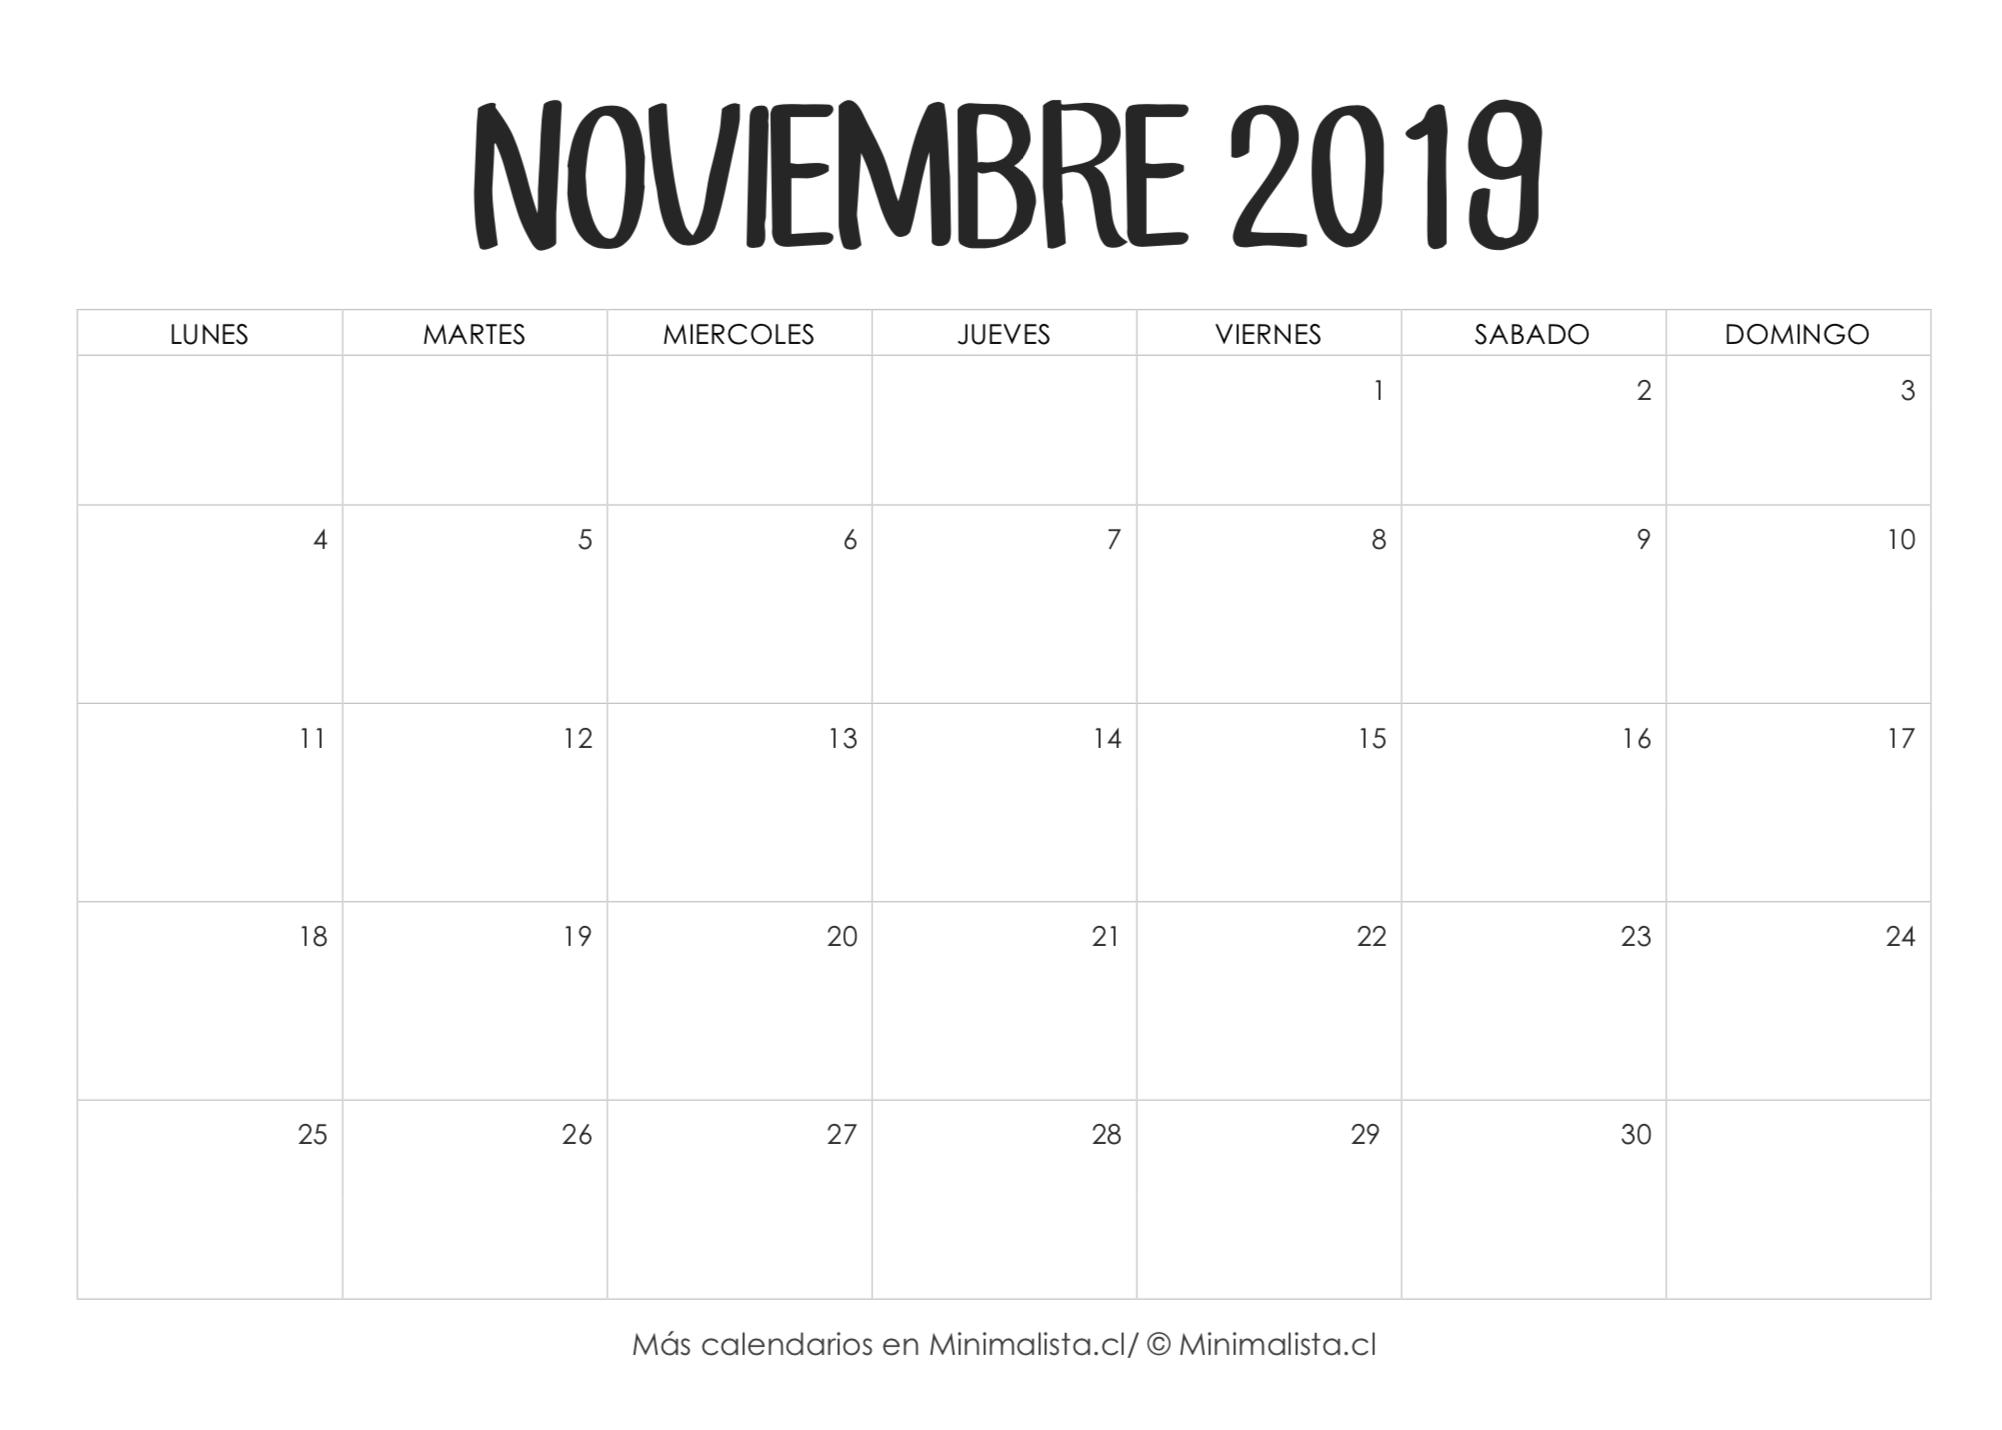 Calendario Noviembre 2019.Calendario Noviembre 2019 Para Imprimir Manualidades Ideas De